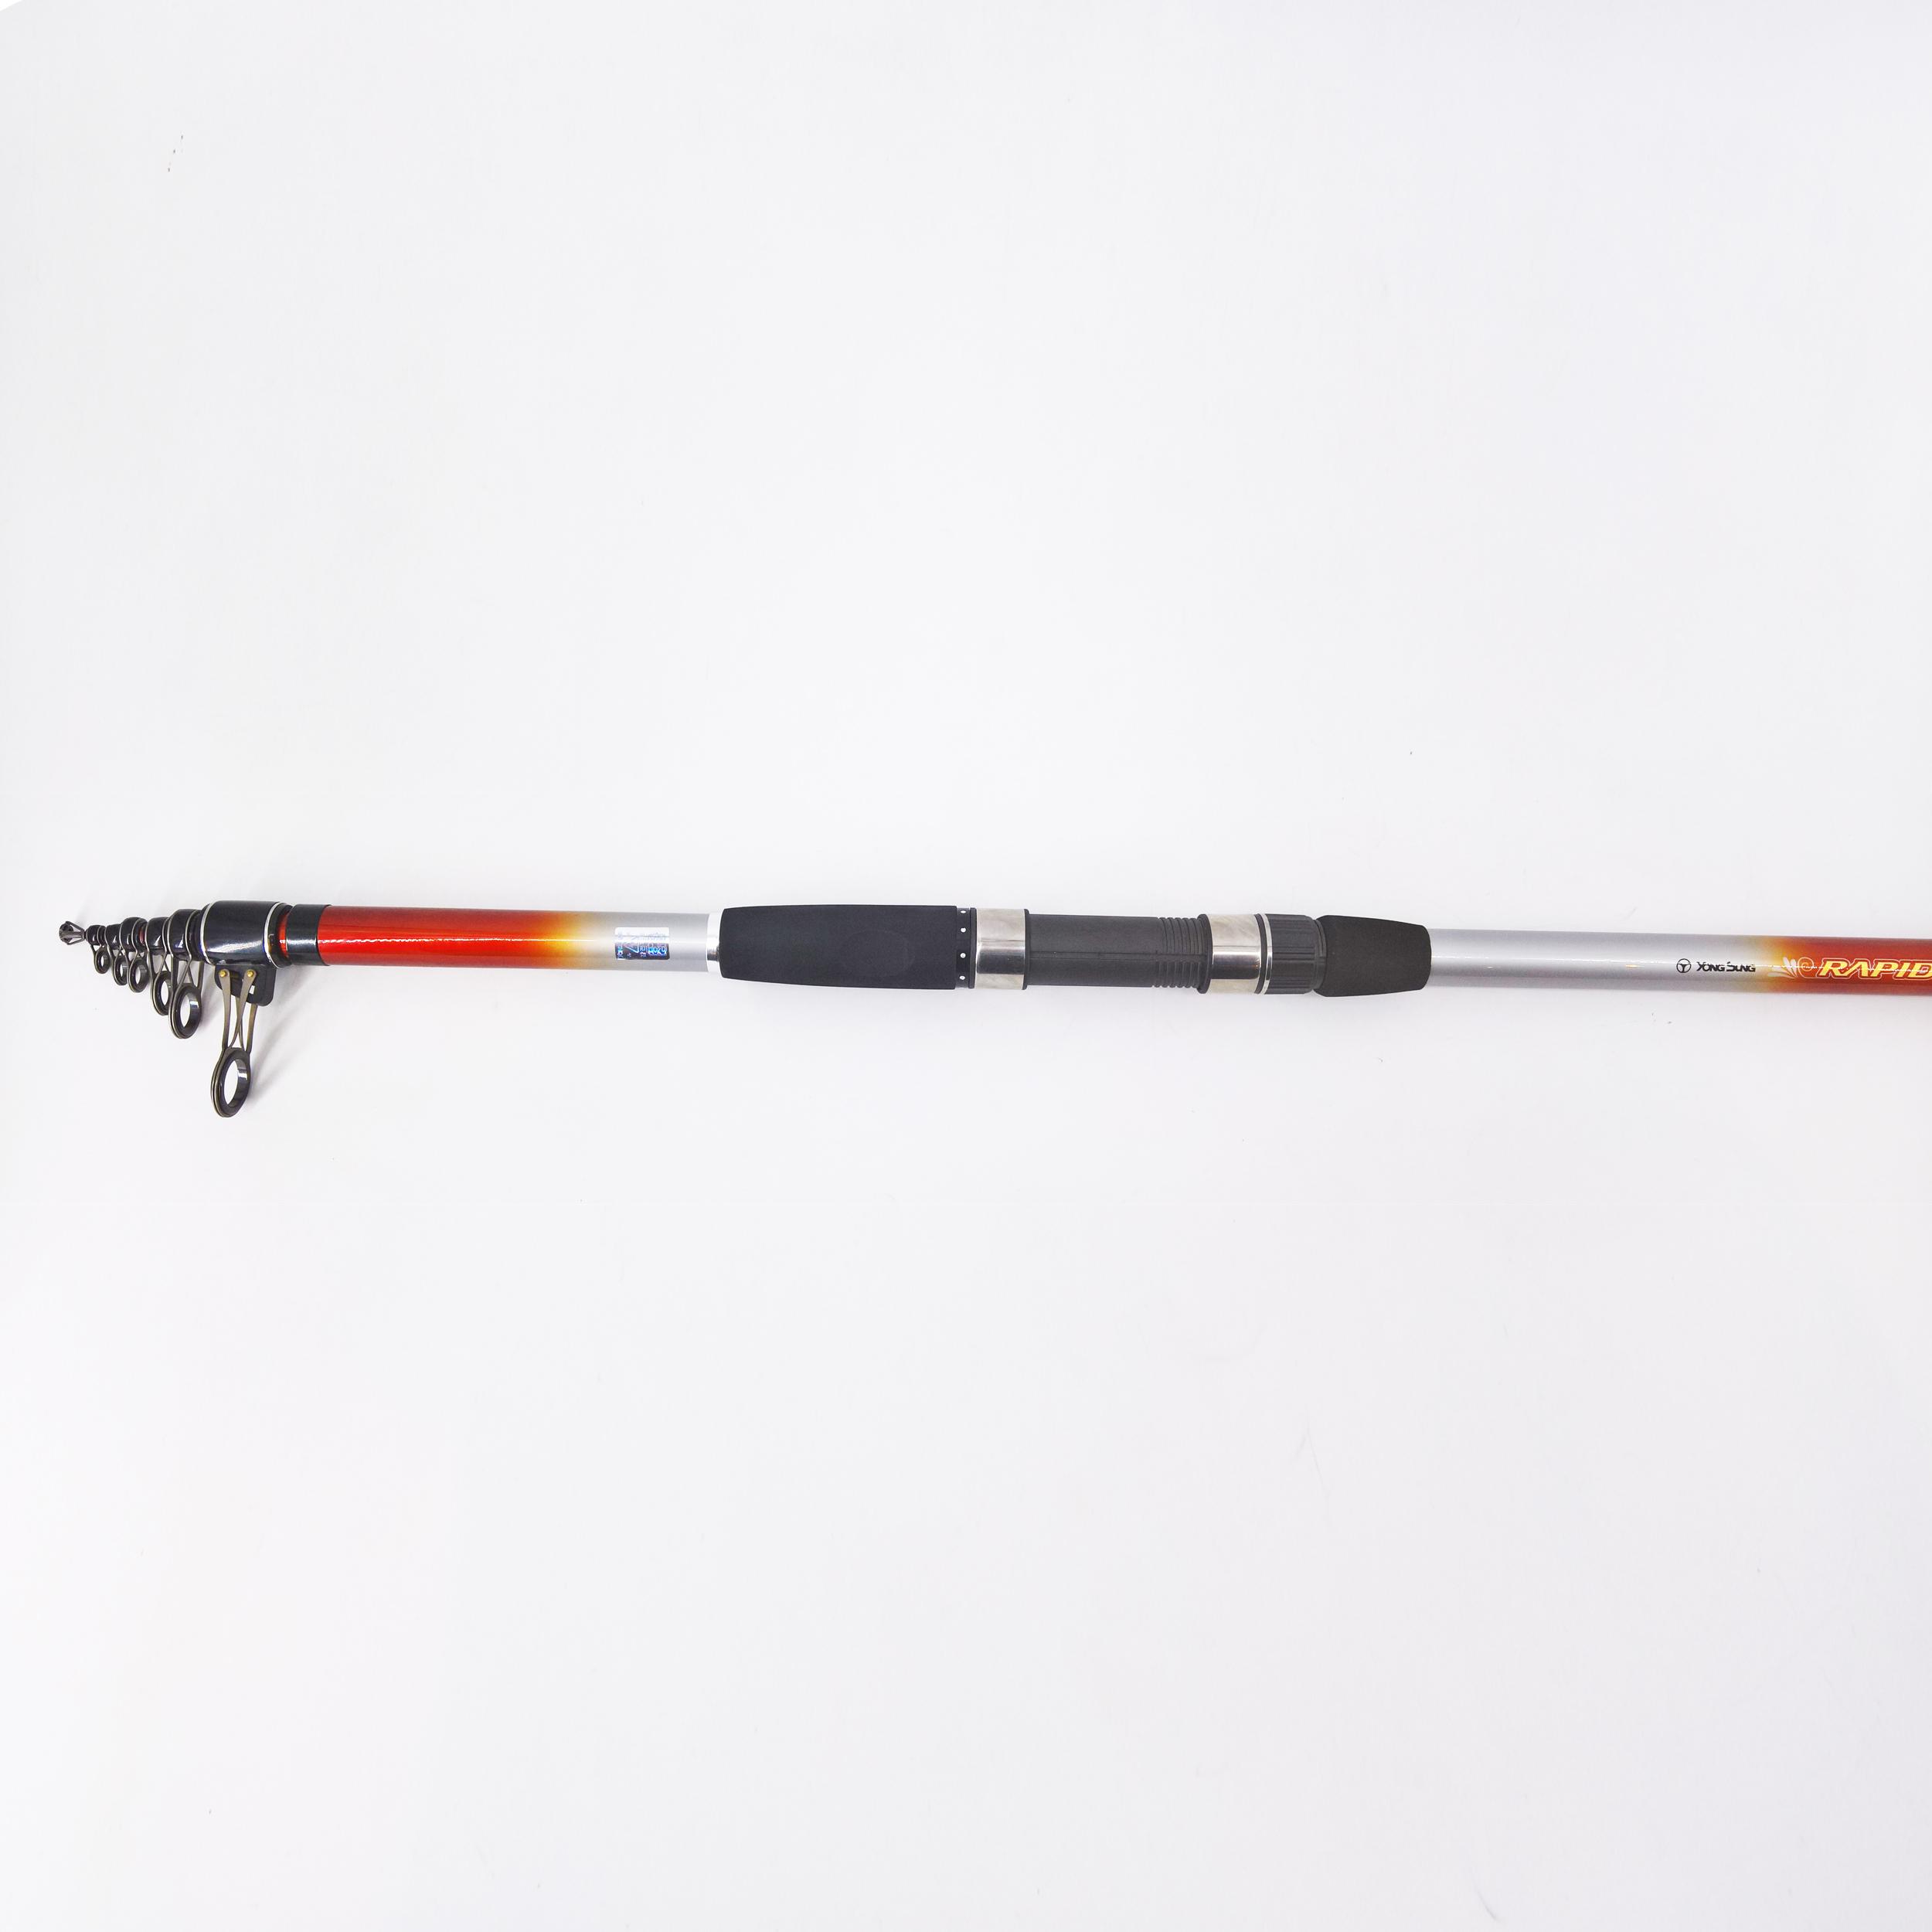 چوب ماهیگیری یانگ سونگ مدل Rapid Surf 4.5